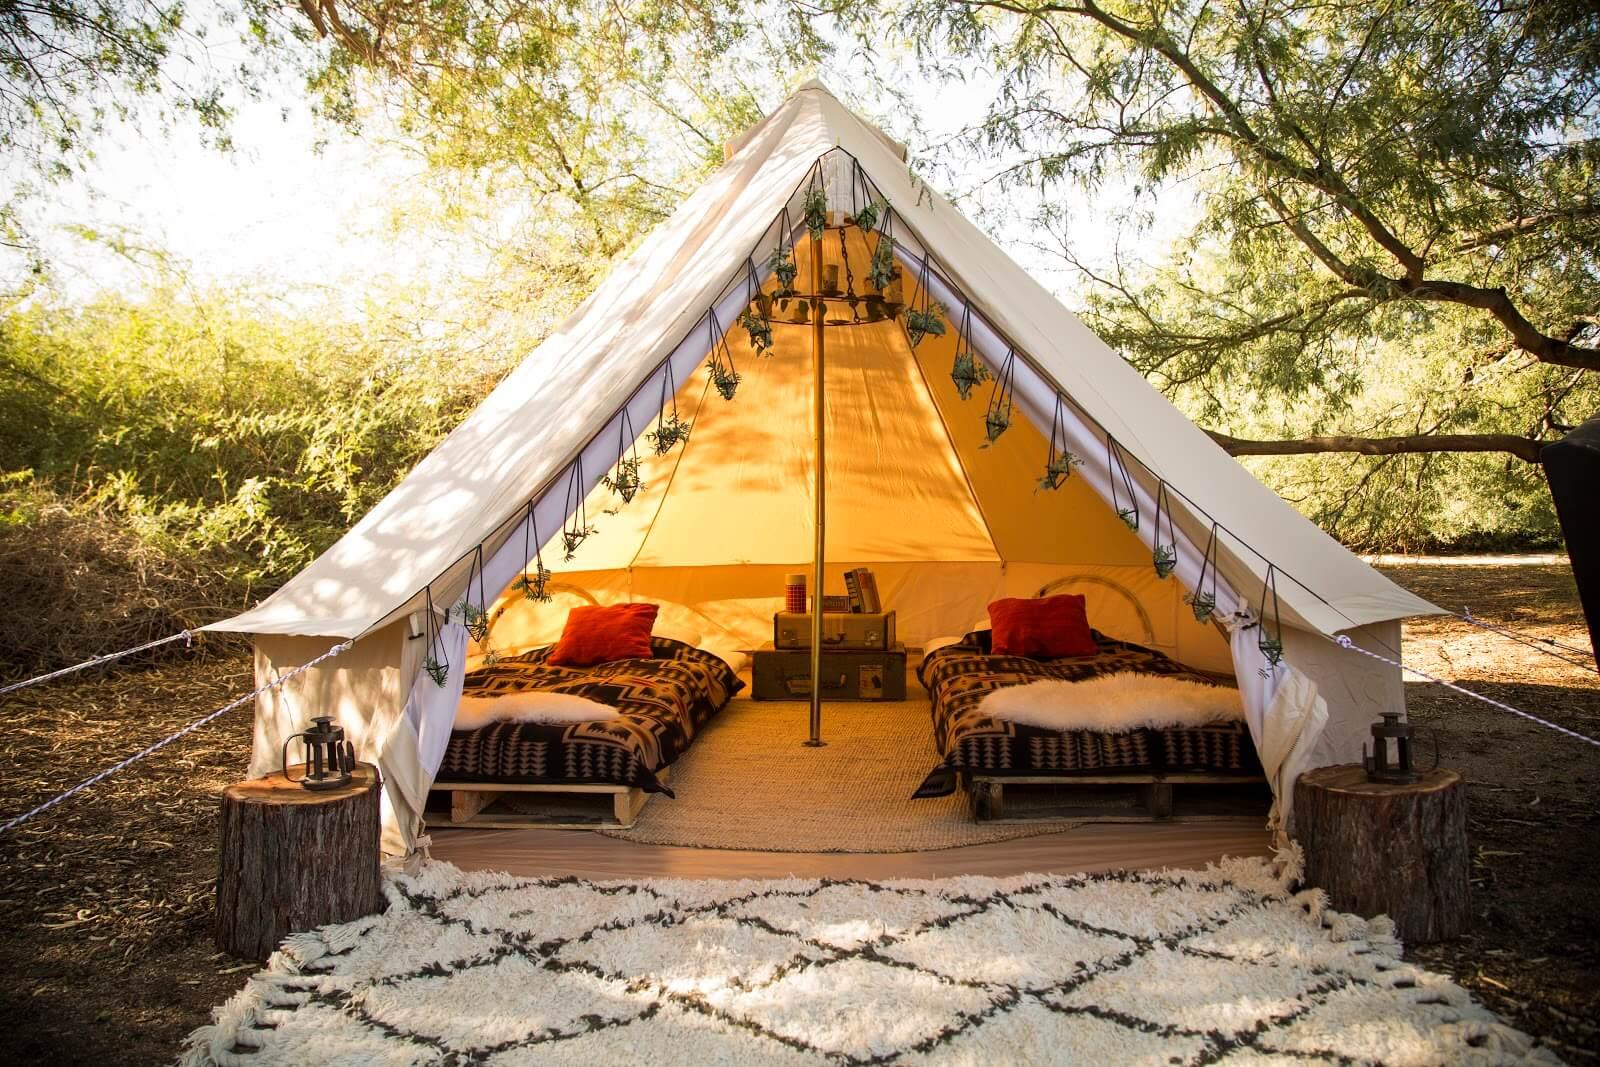 bahçede kamp yapmak